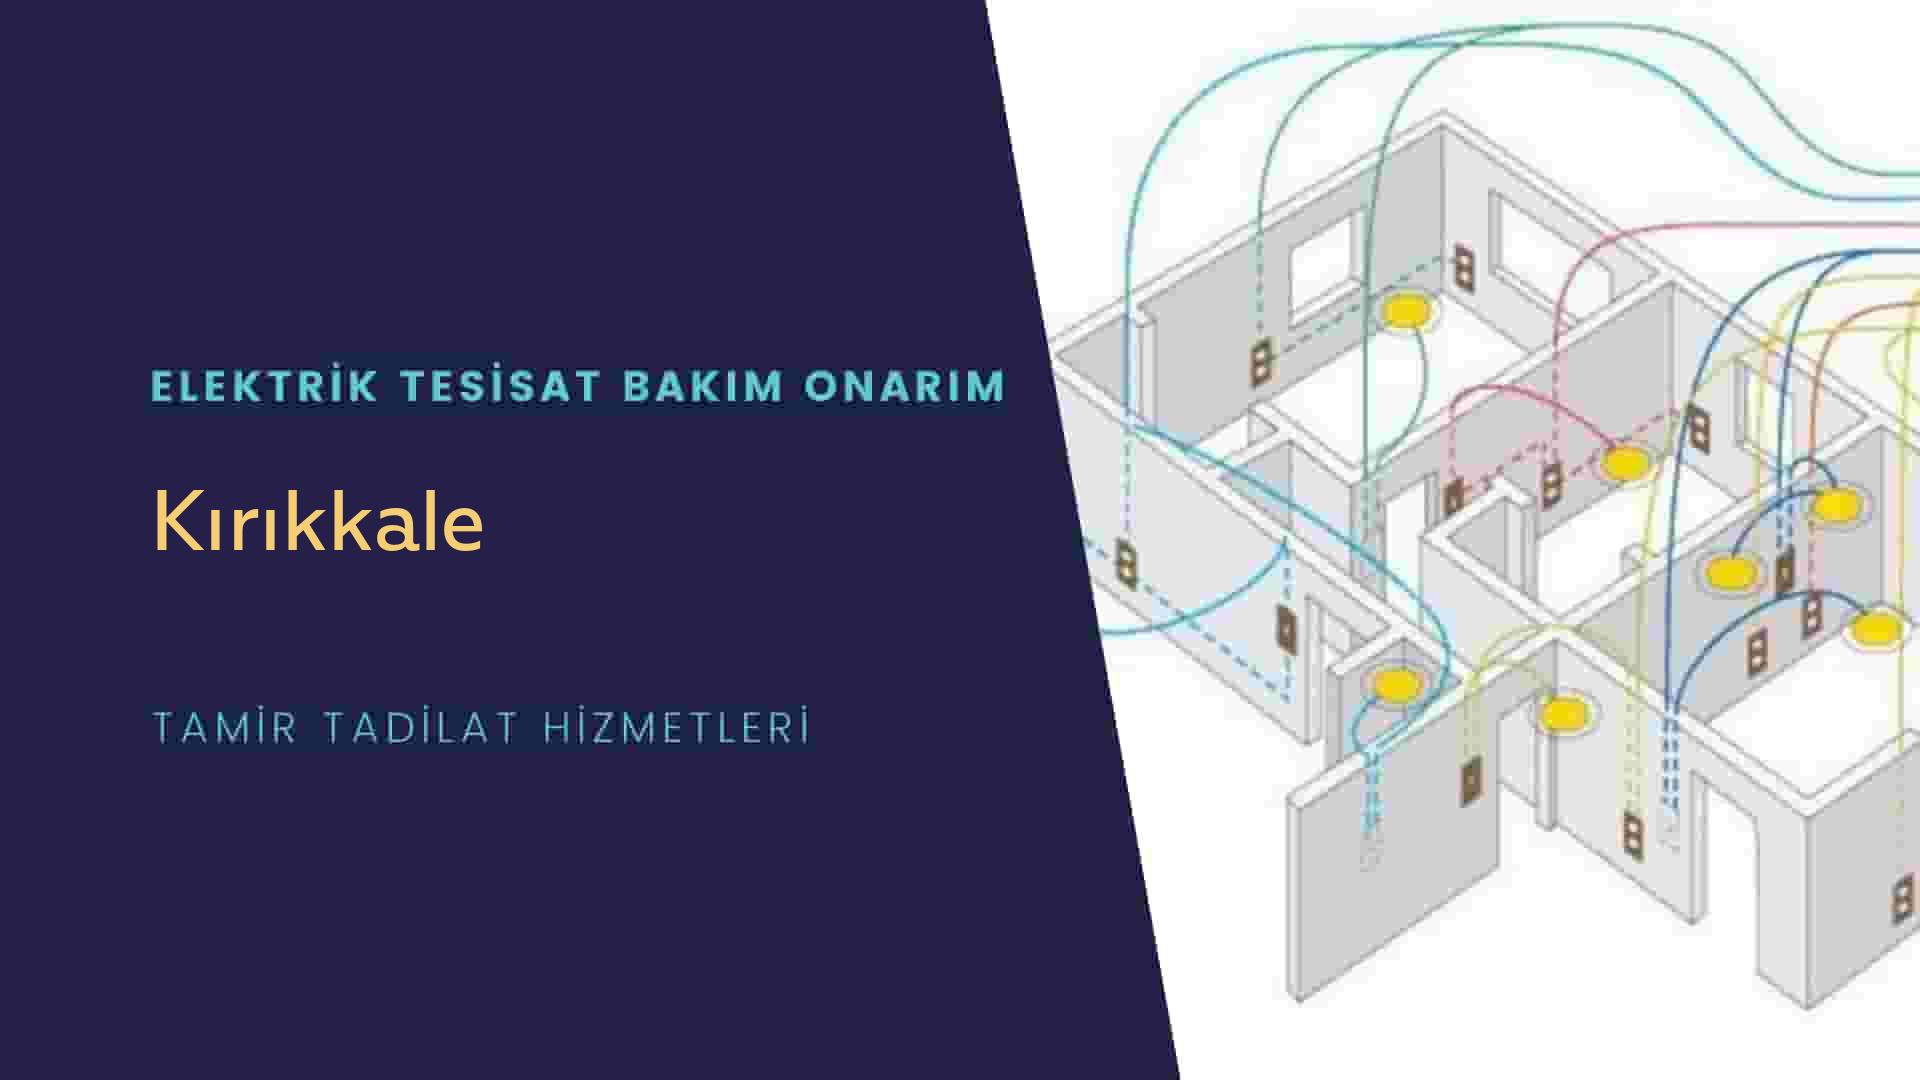 Kırıkkale'de elektrik tesisatıustalarımı arıyorsunuz doğru adrestenizi Kırıkkale elektrik tesisatı ustalarımız 7/24 sizlere hizmet vermekten mutluluk duyar.